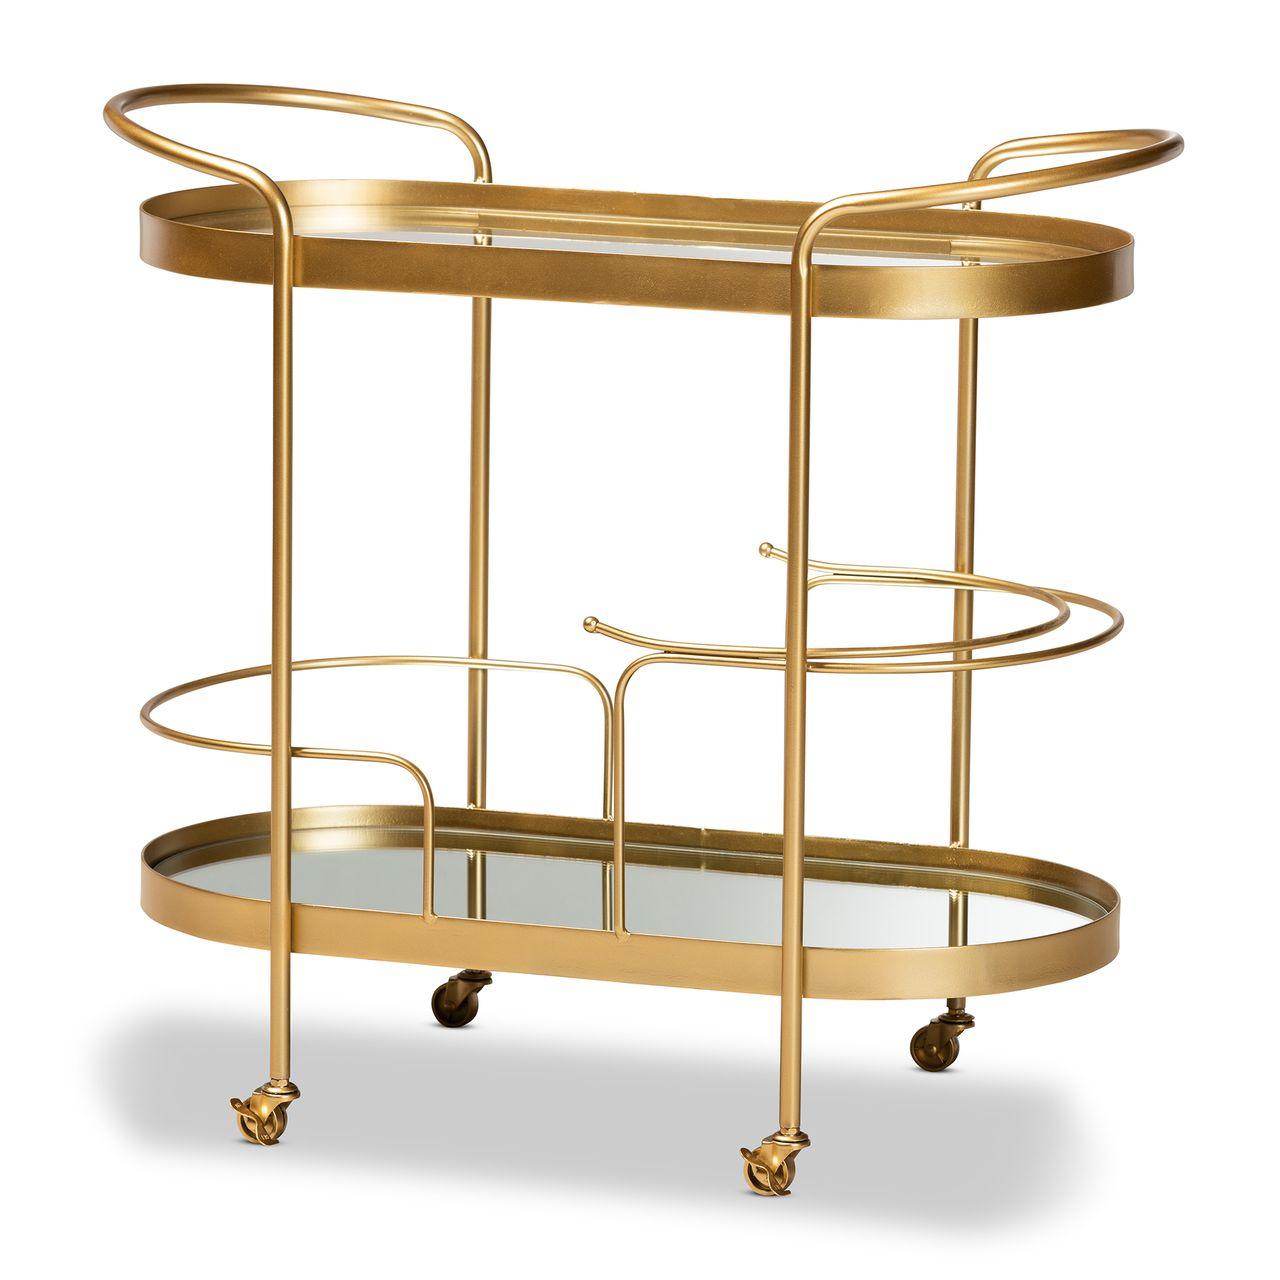 Baxton Studio Kamal Gold Metal and Glass 2-Tier Mobile Wine Bar Cart